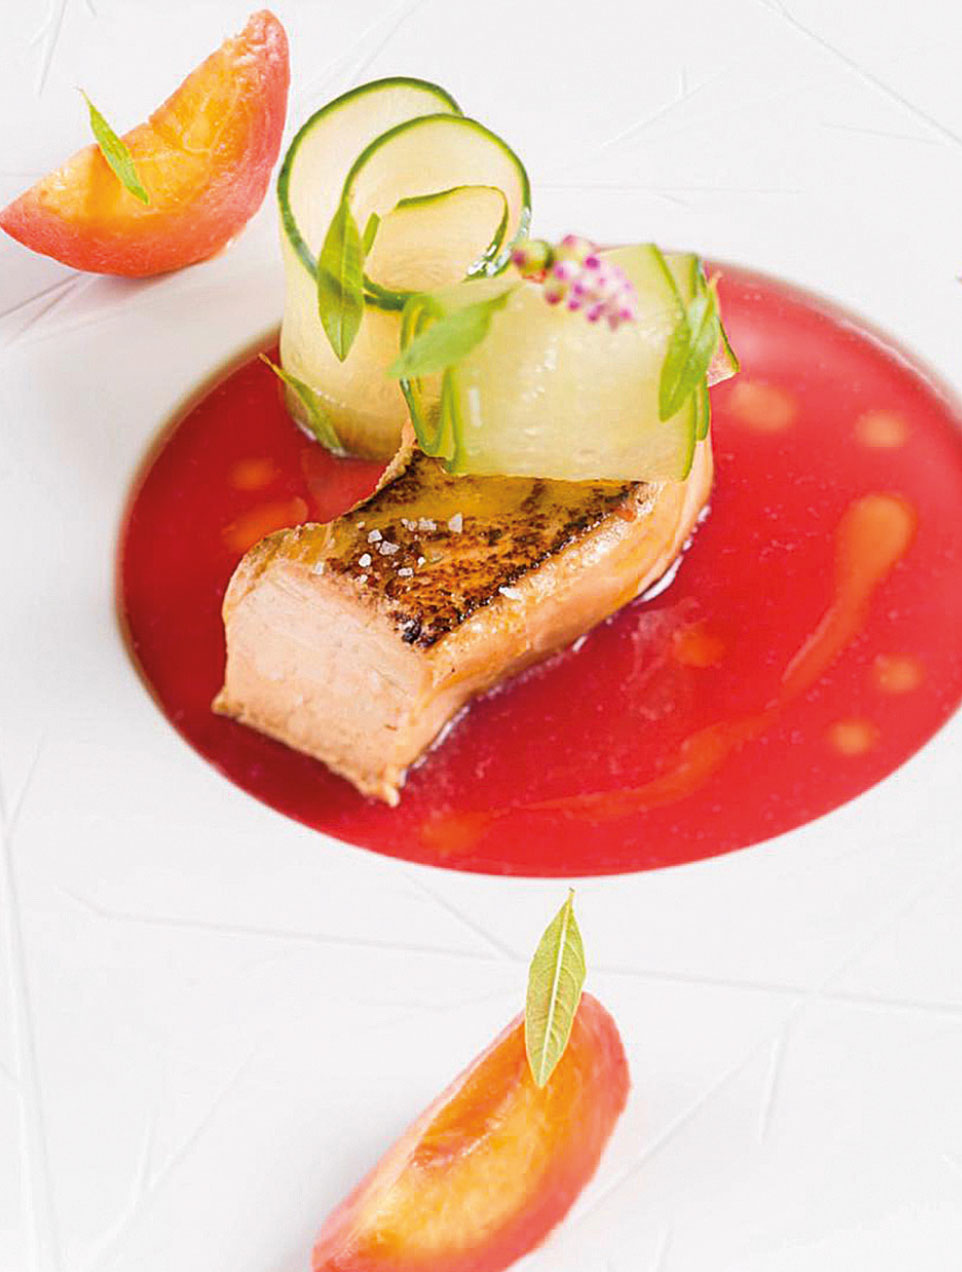 """Scaloppa di foie gras di Chalandray arrosto, le pesche """"percoche"""" marinate al vino rosso e spezie, cetrioli al limone e foglie di verbena. Una ricetta dello chef Simone Cantafio"""